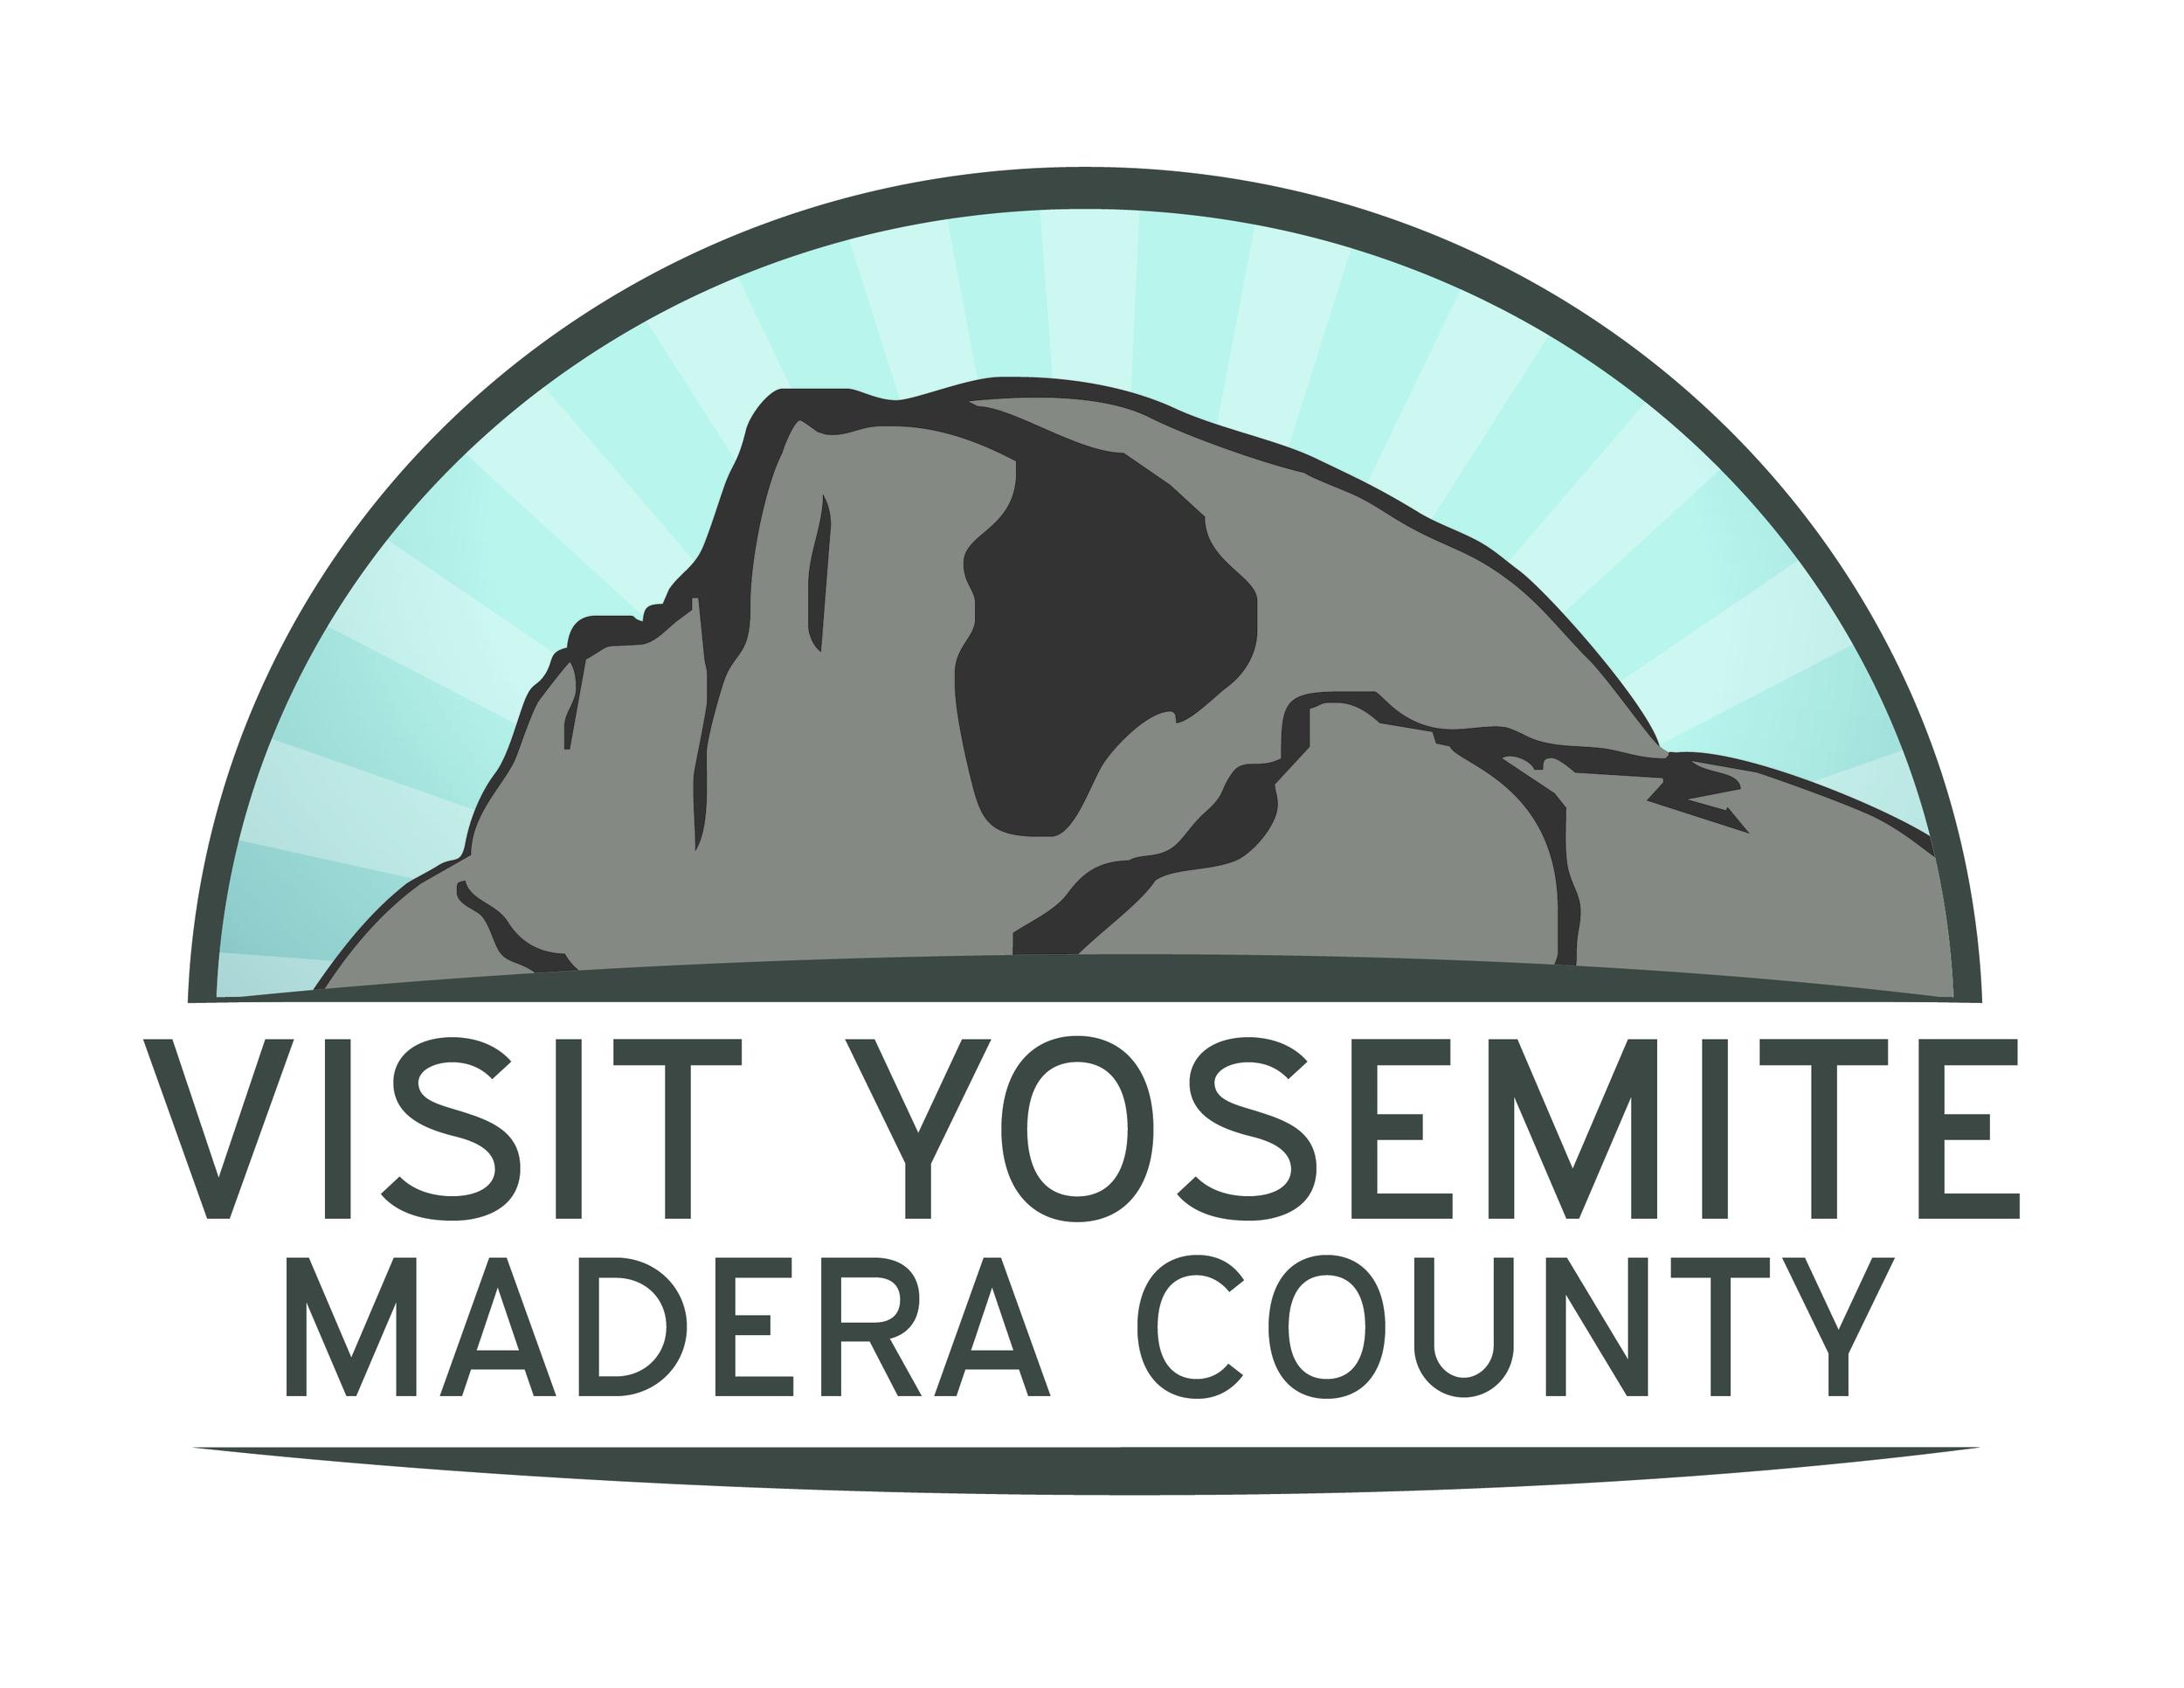 Visit Yosemite Madera County - Color CMYK.jpg